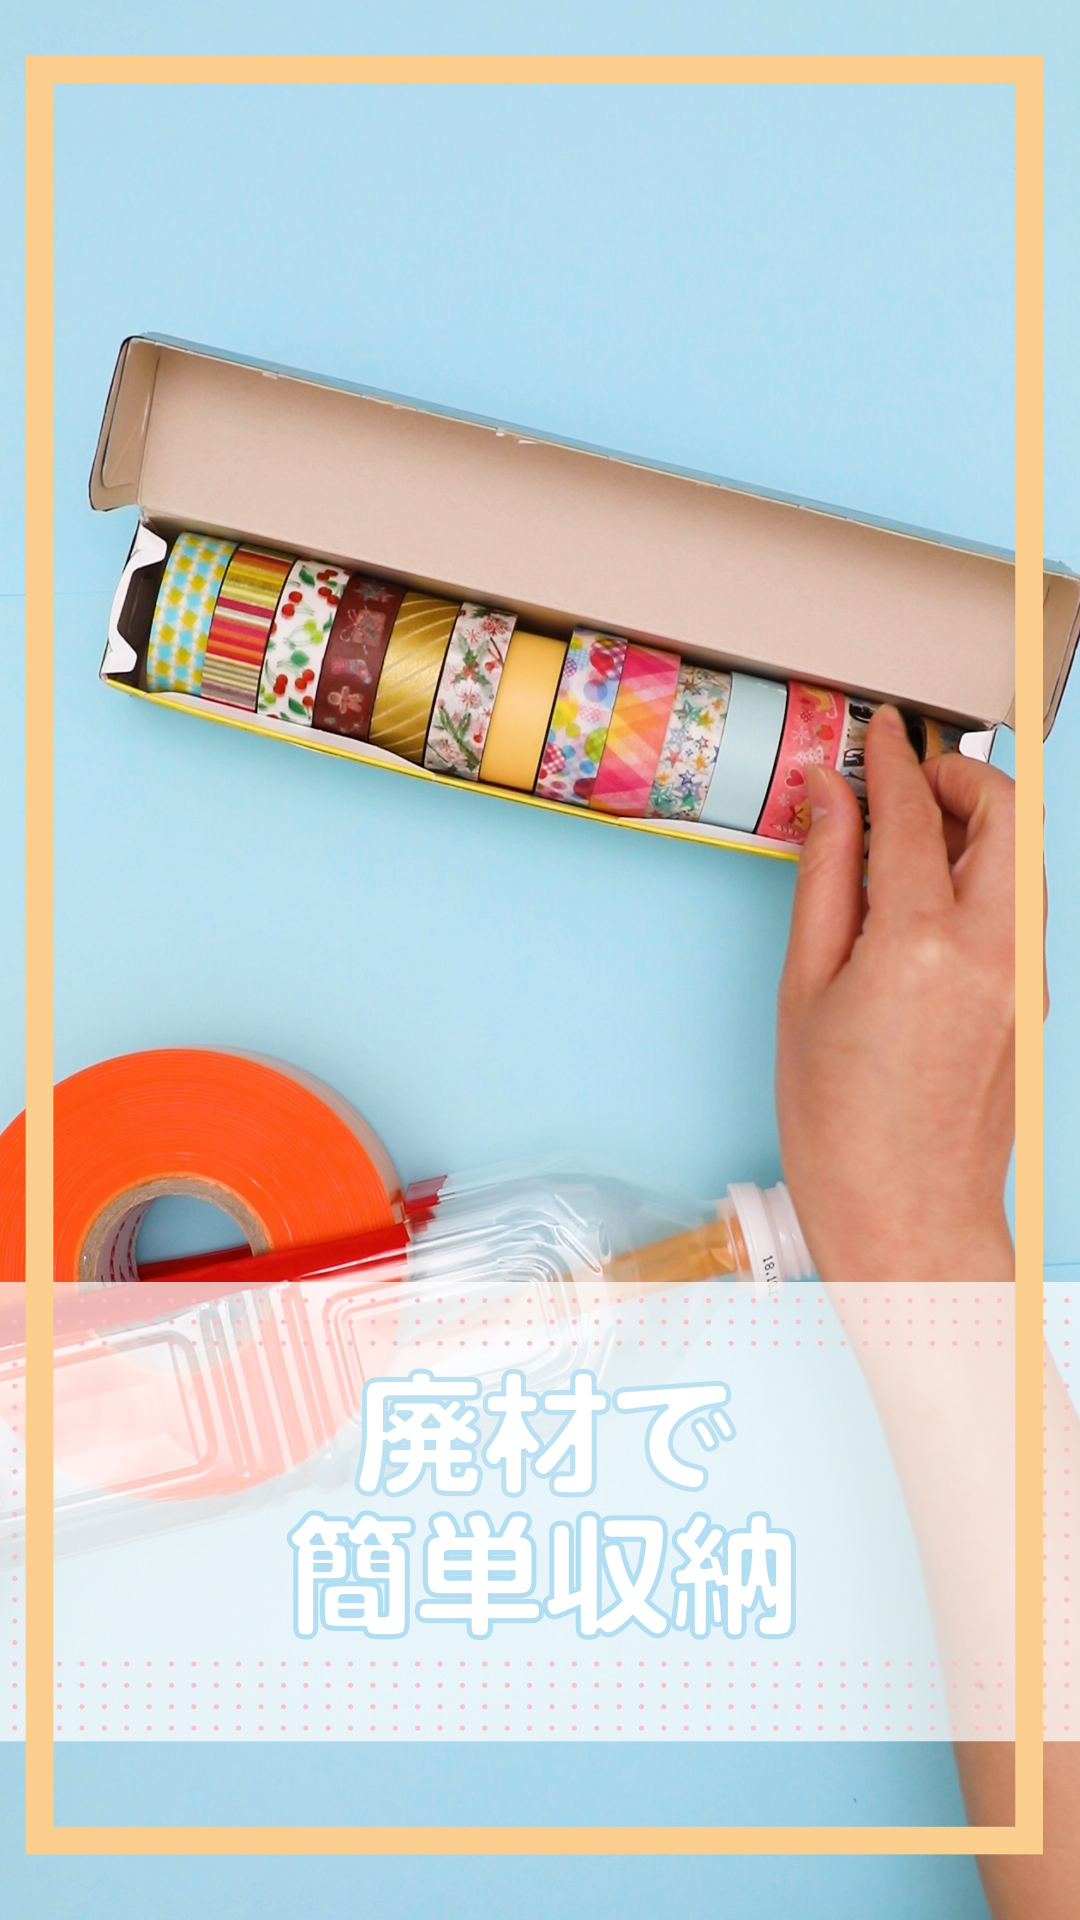 【動画】廃材を使って収納グッズを簡単手作り!